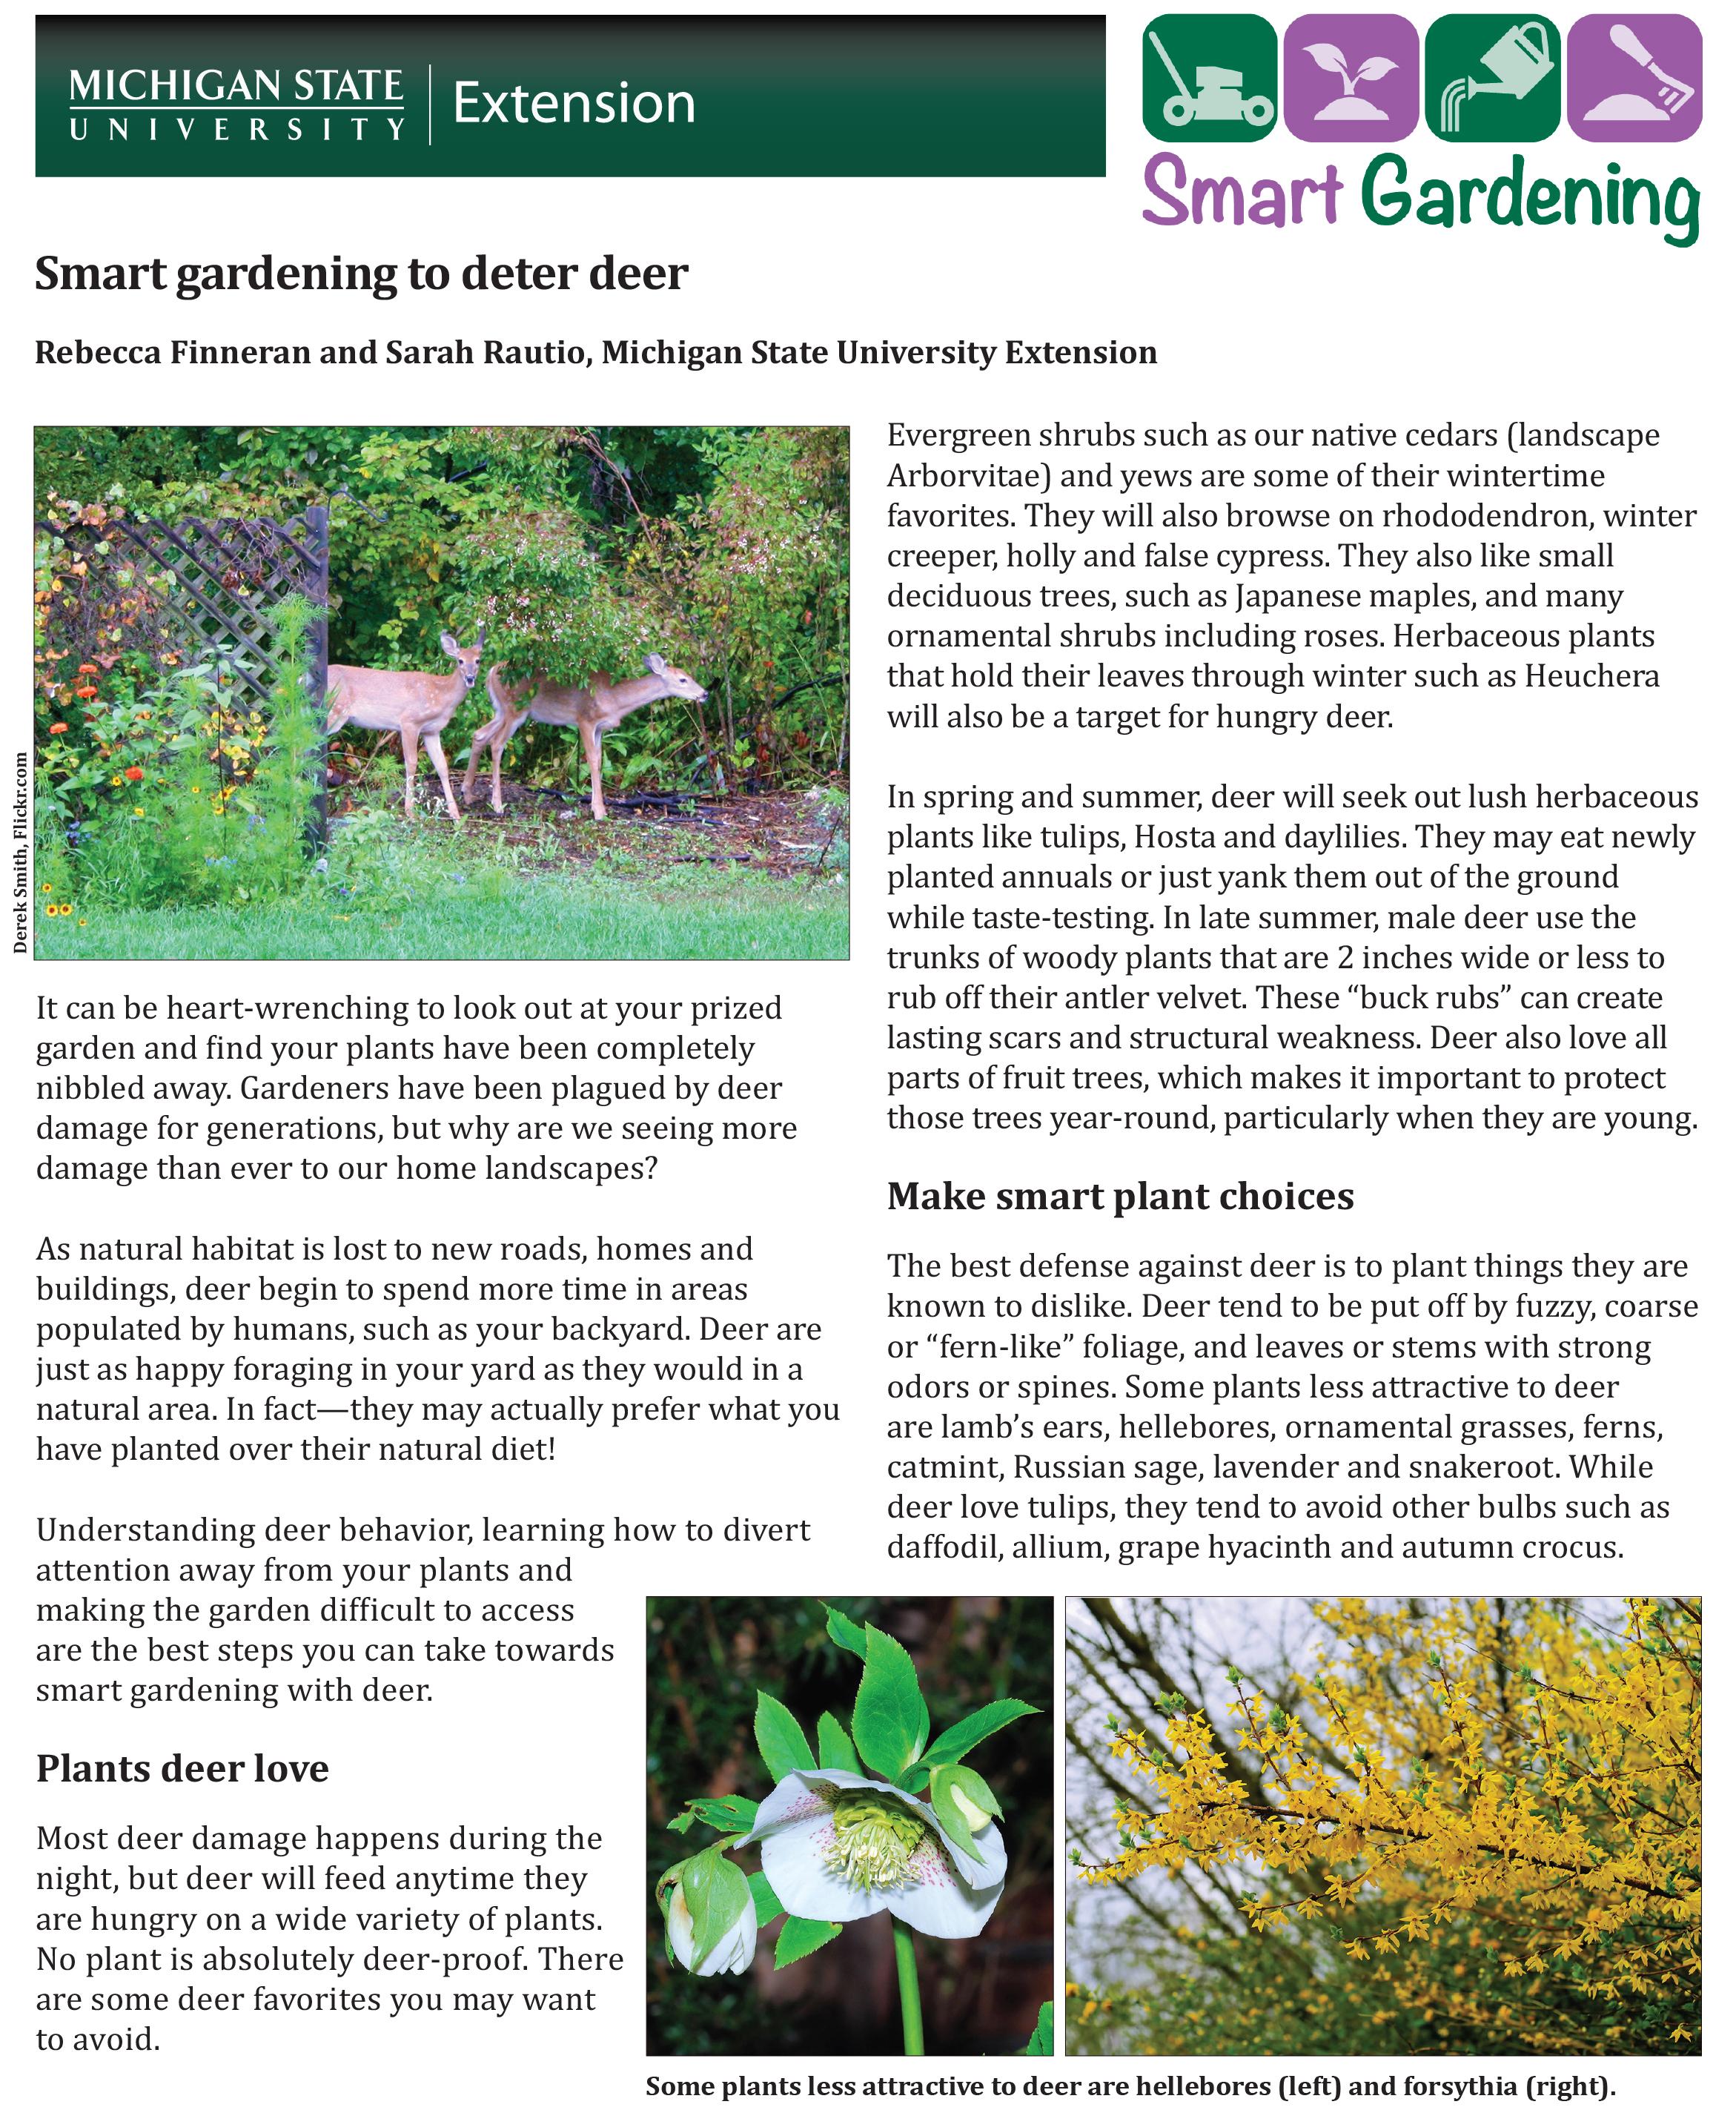 smart gardening to deter deer msu extension